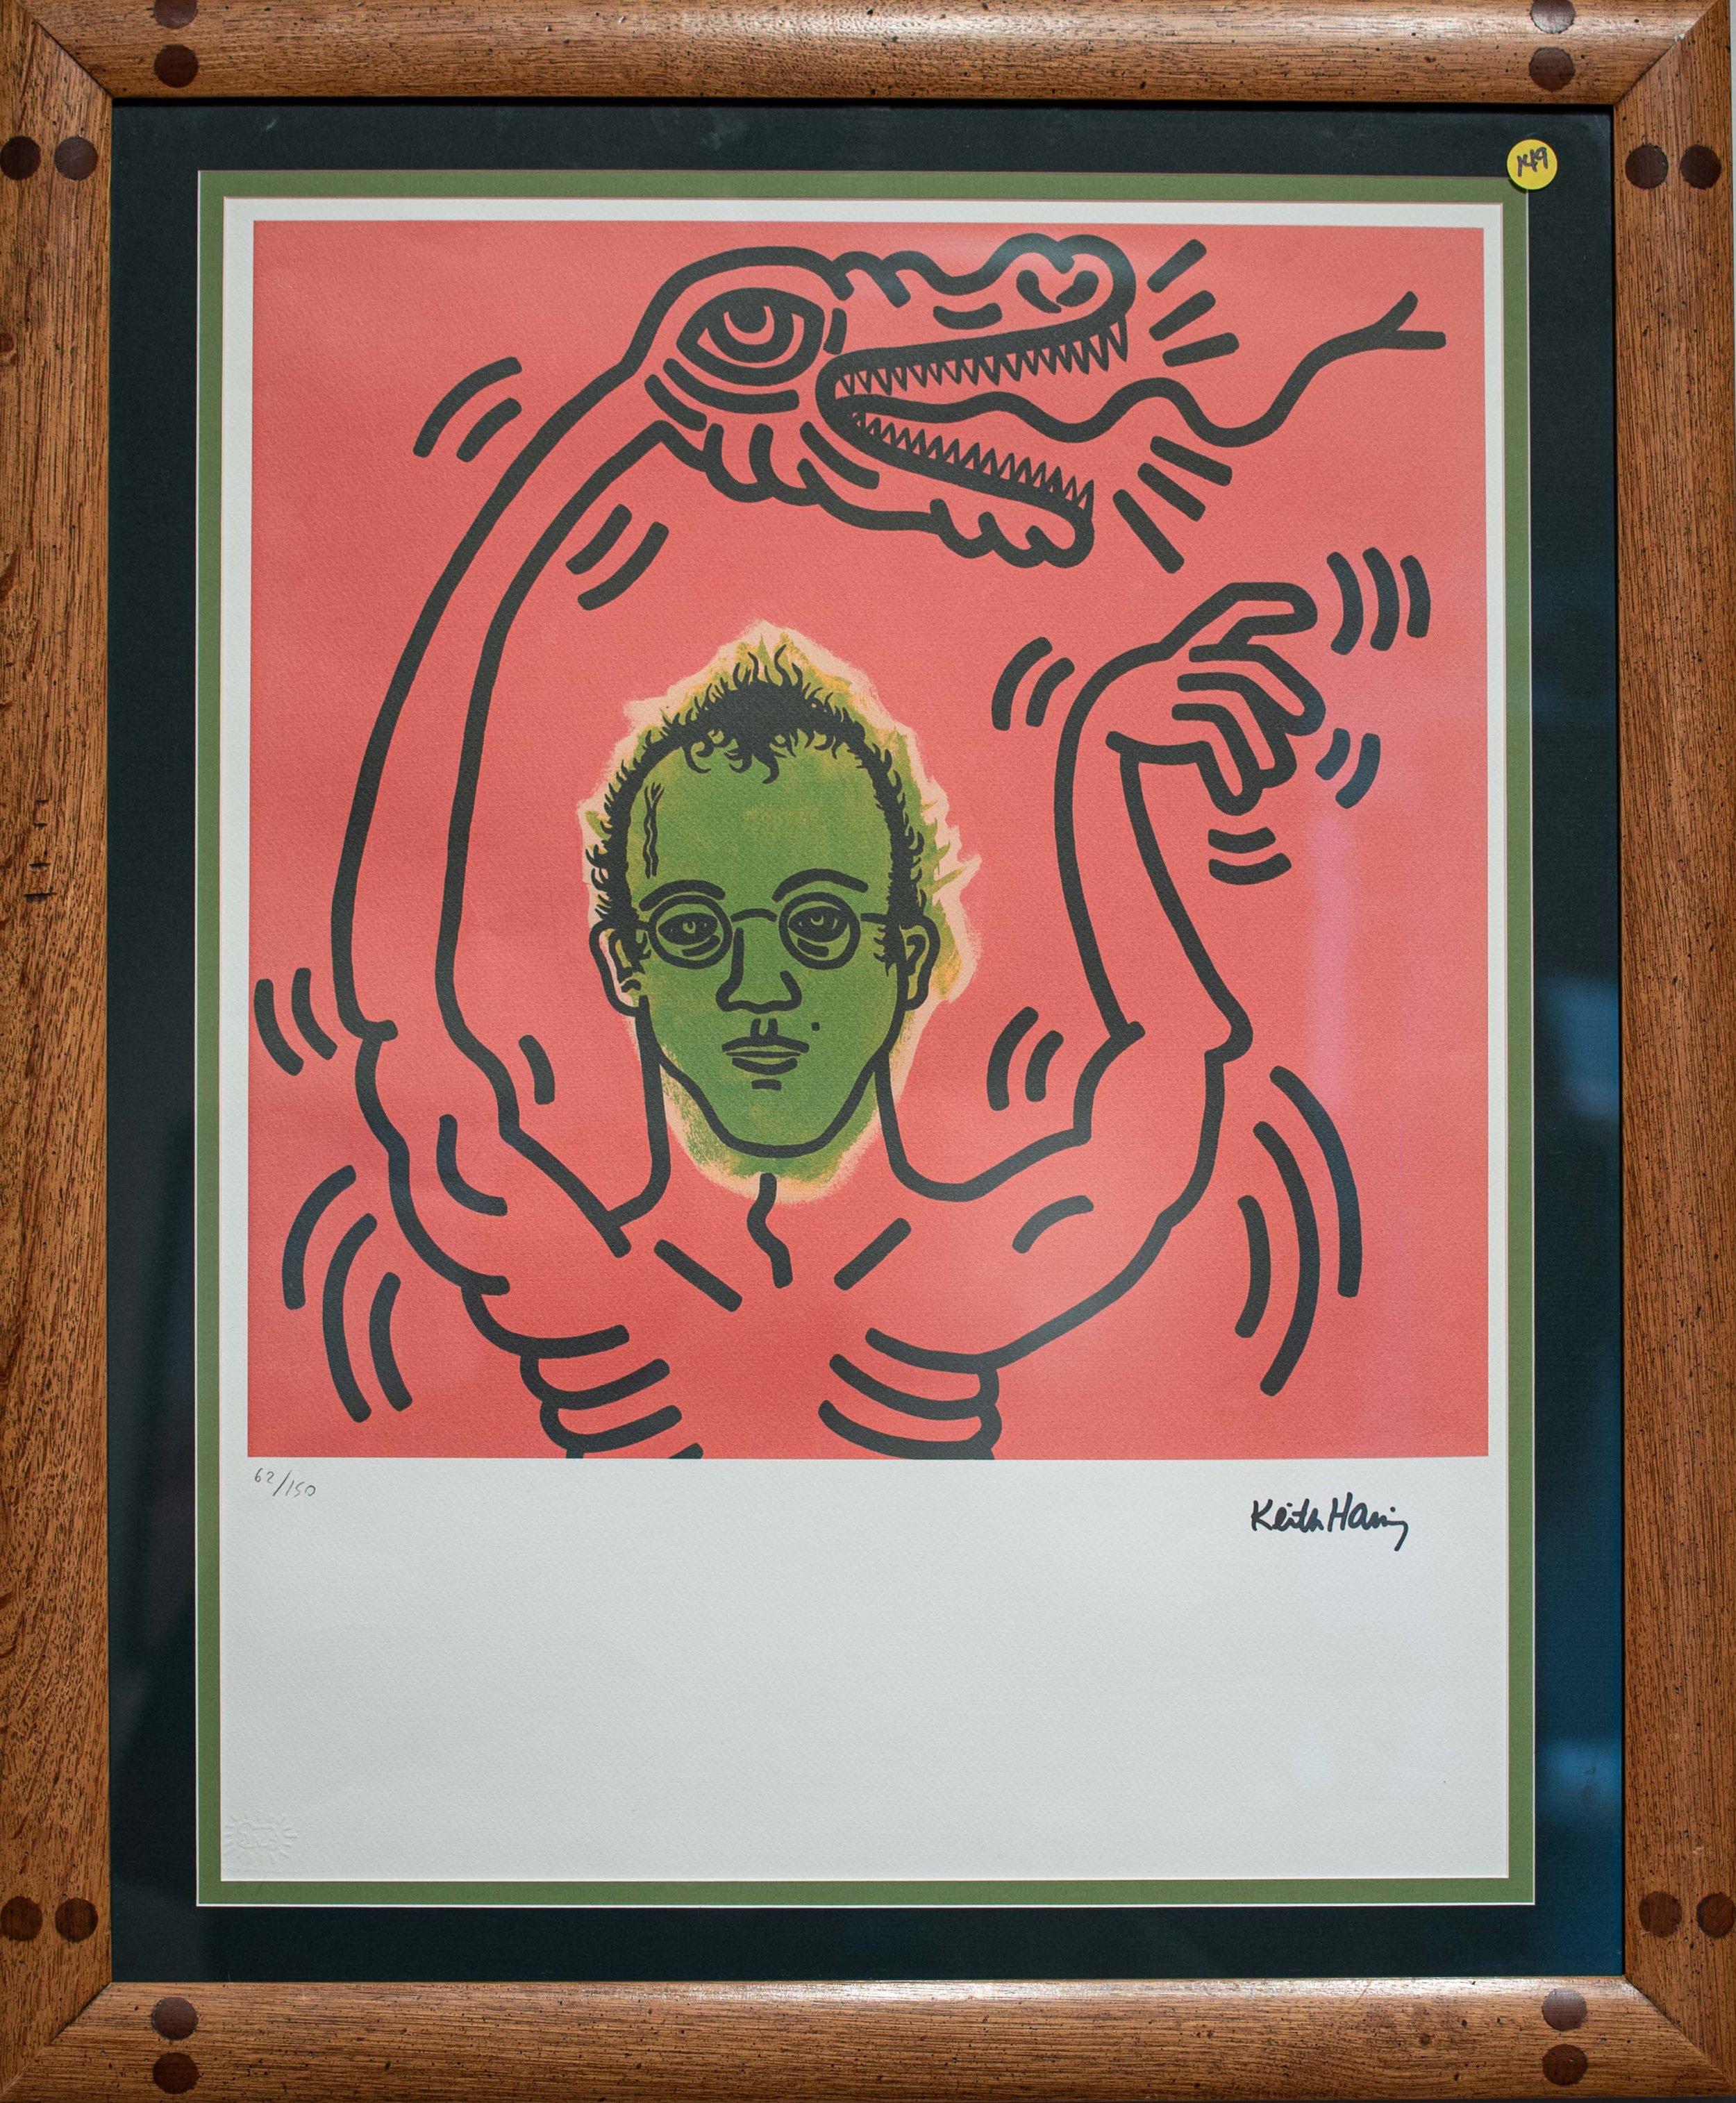 149. Keith Haring